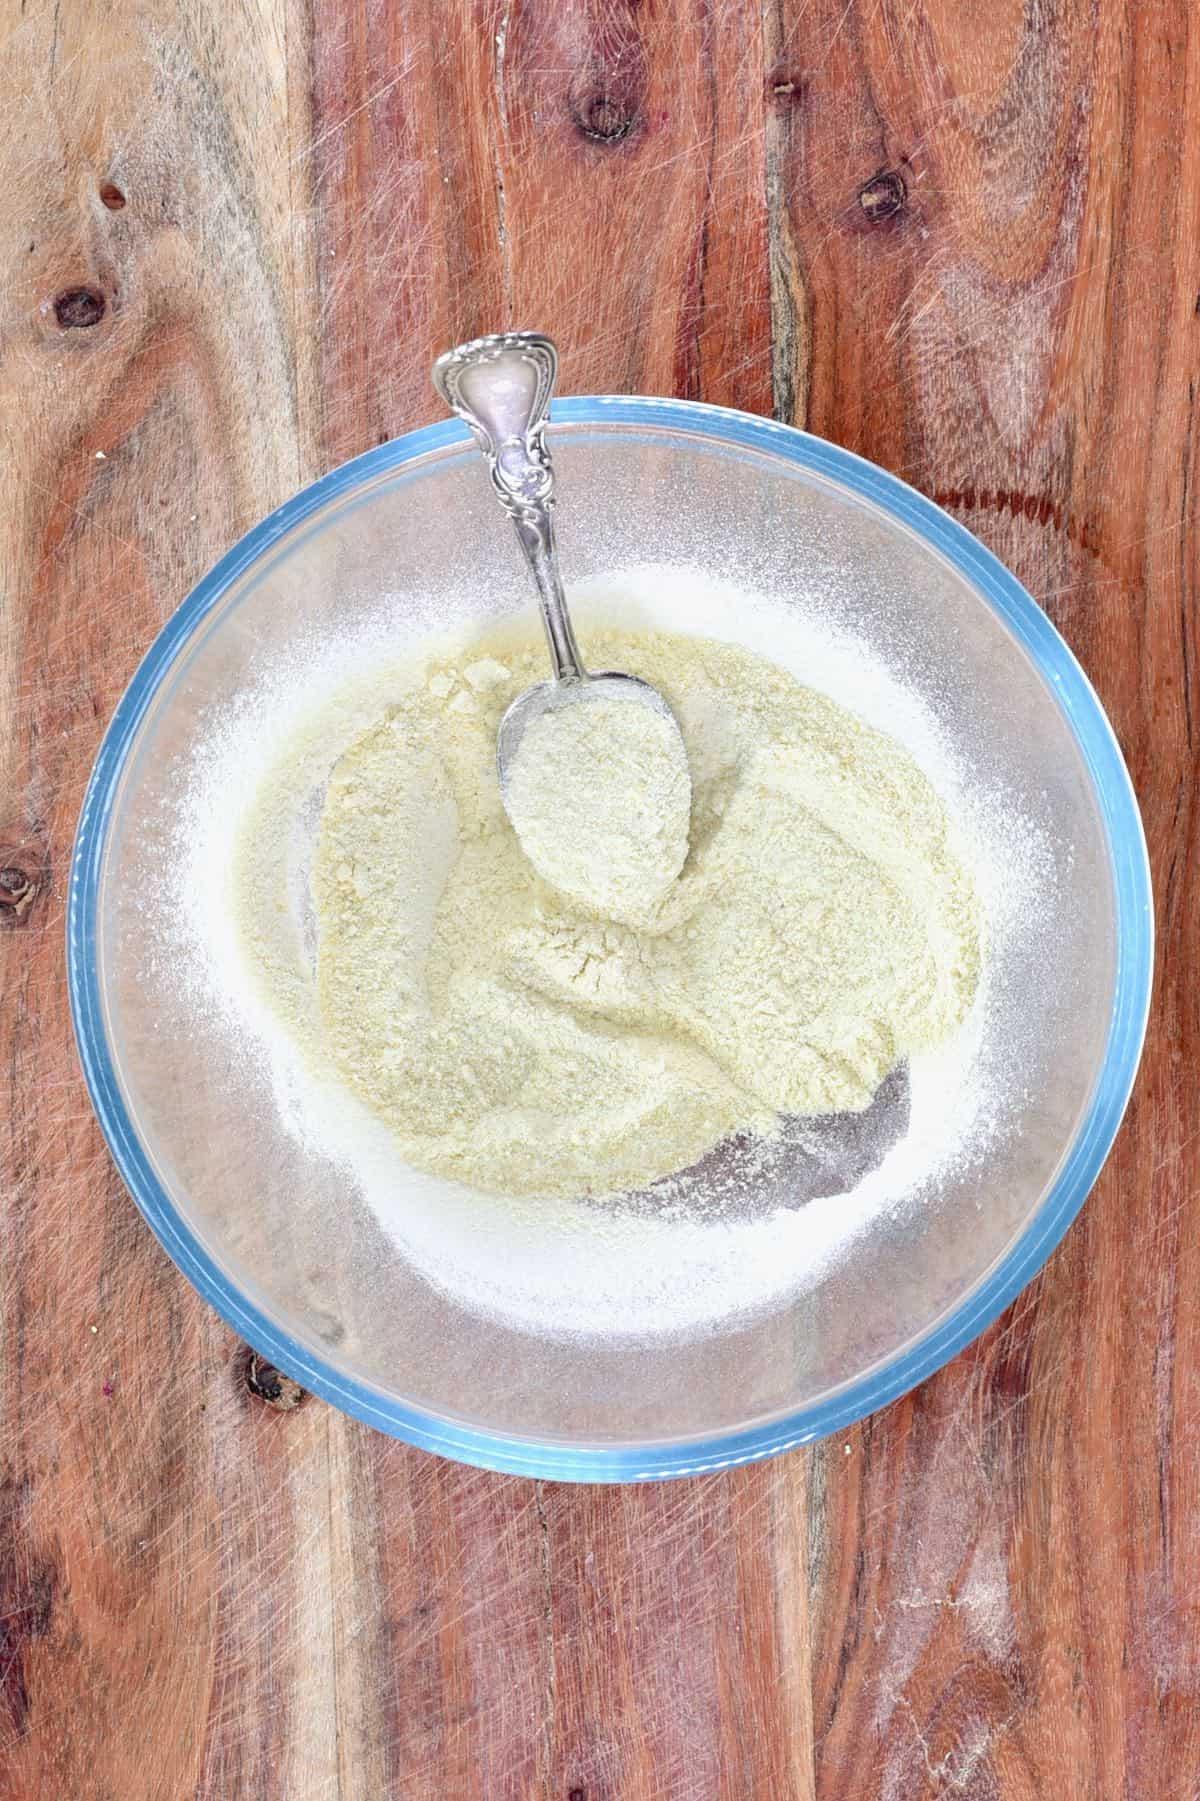 Onion powder in a bowl